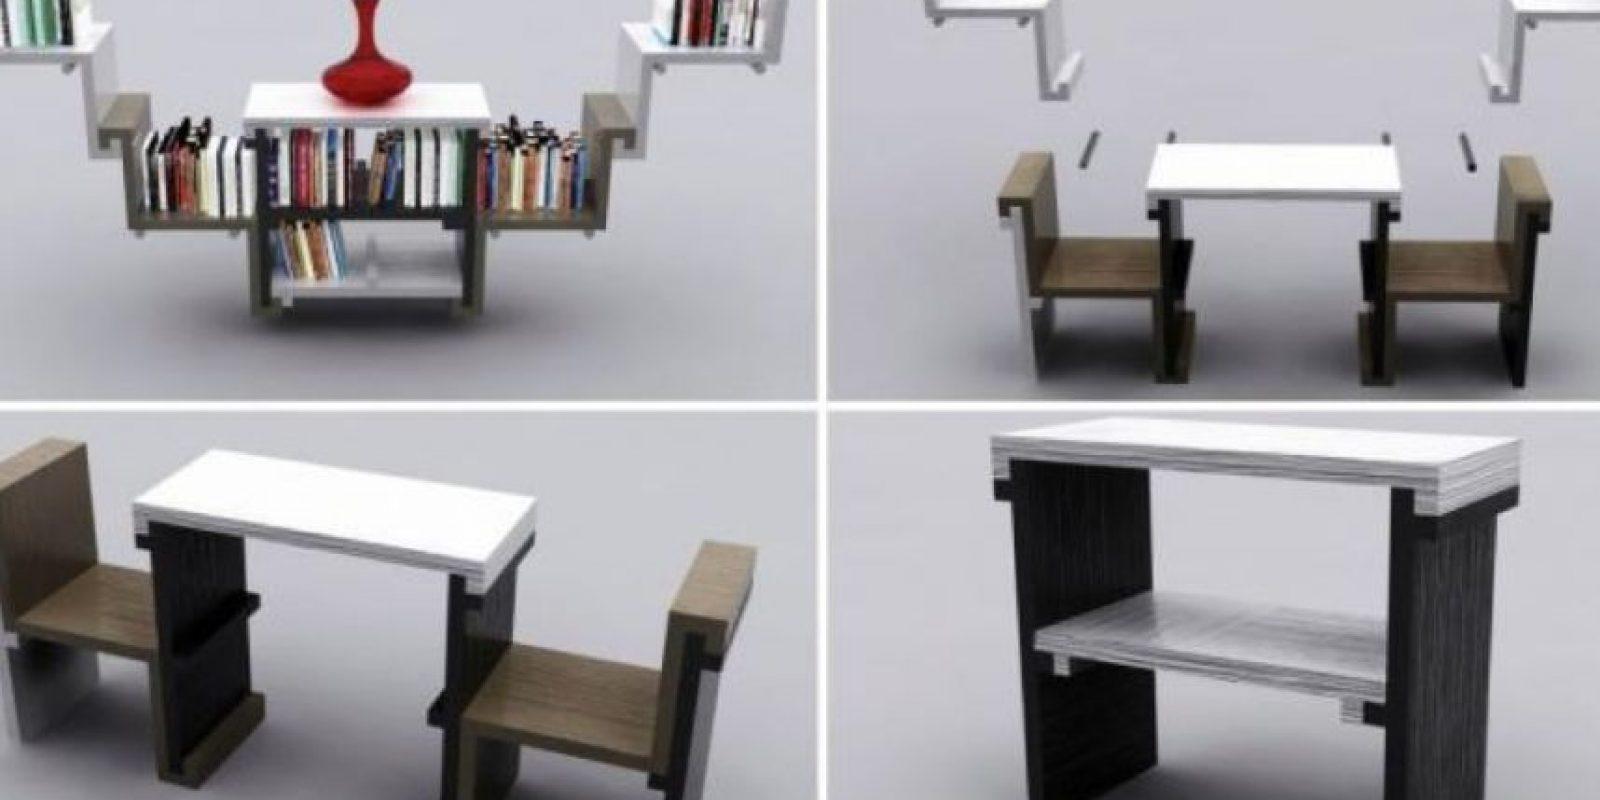 Galer a muebles creativos para ahorrar espacio - Muebles para ahorrar espacio ...